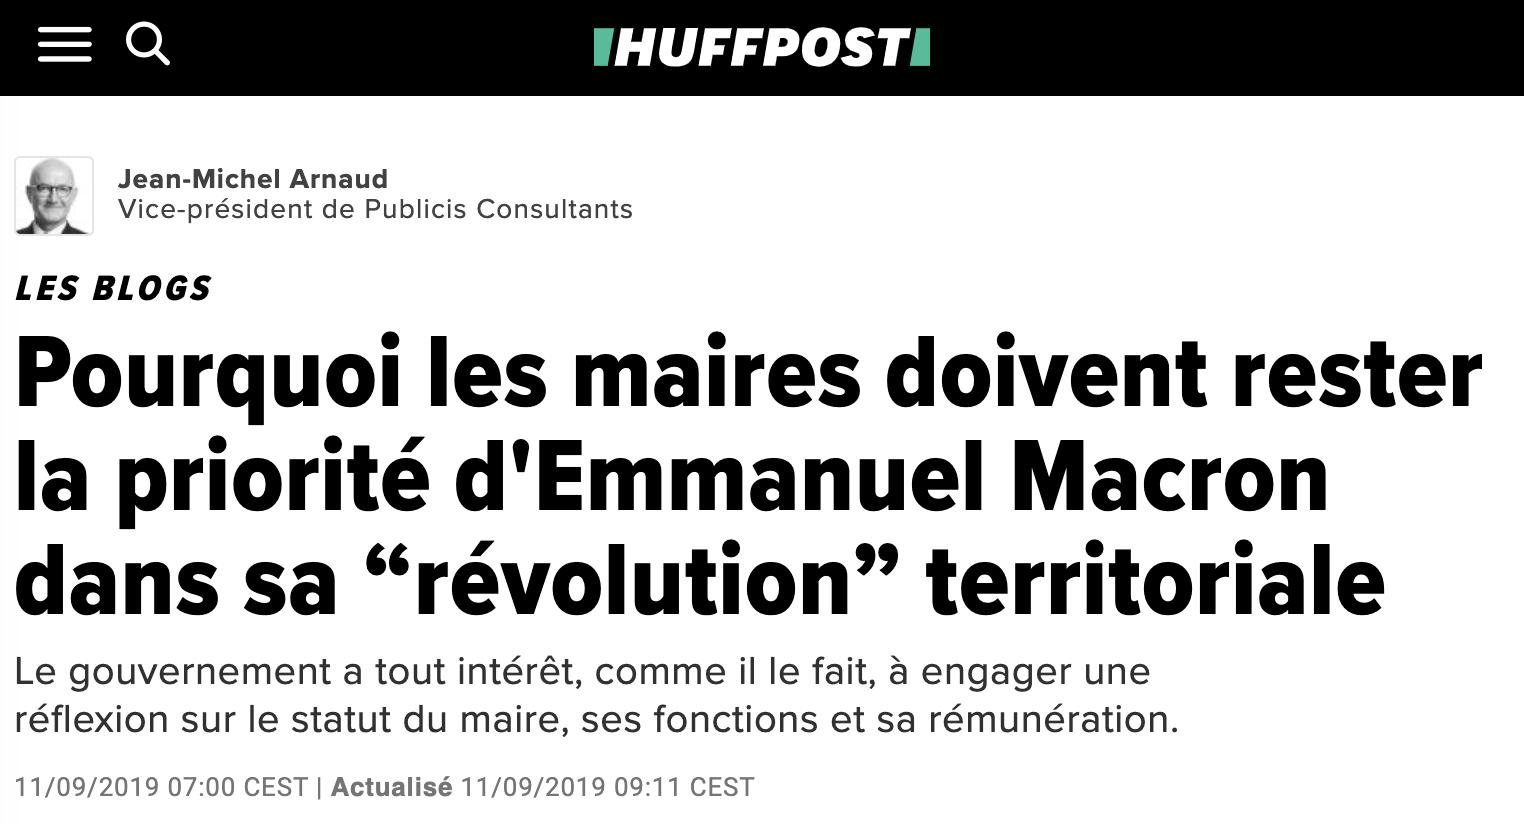 """Pourquoi les maires doivent rester la priorité d'Emmanuel Macron dans sa """"révolution"""" territoriale"""